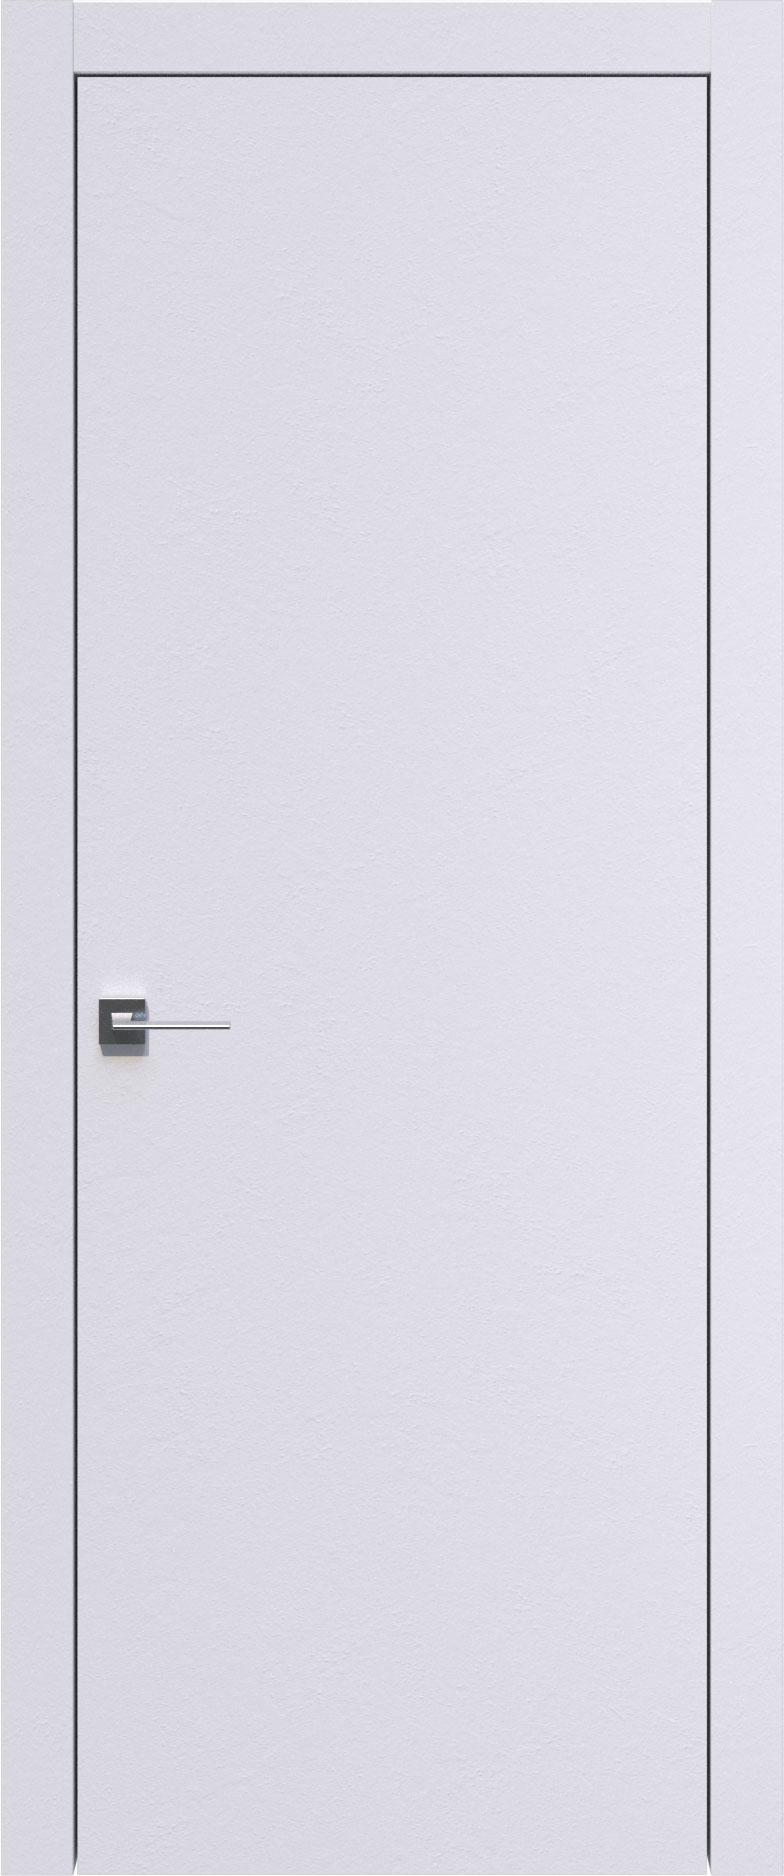 Tivoli К-1 цвет - Арктик белый Без стекла (ДГ)